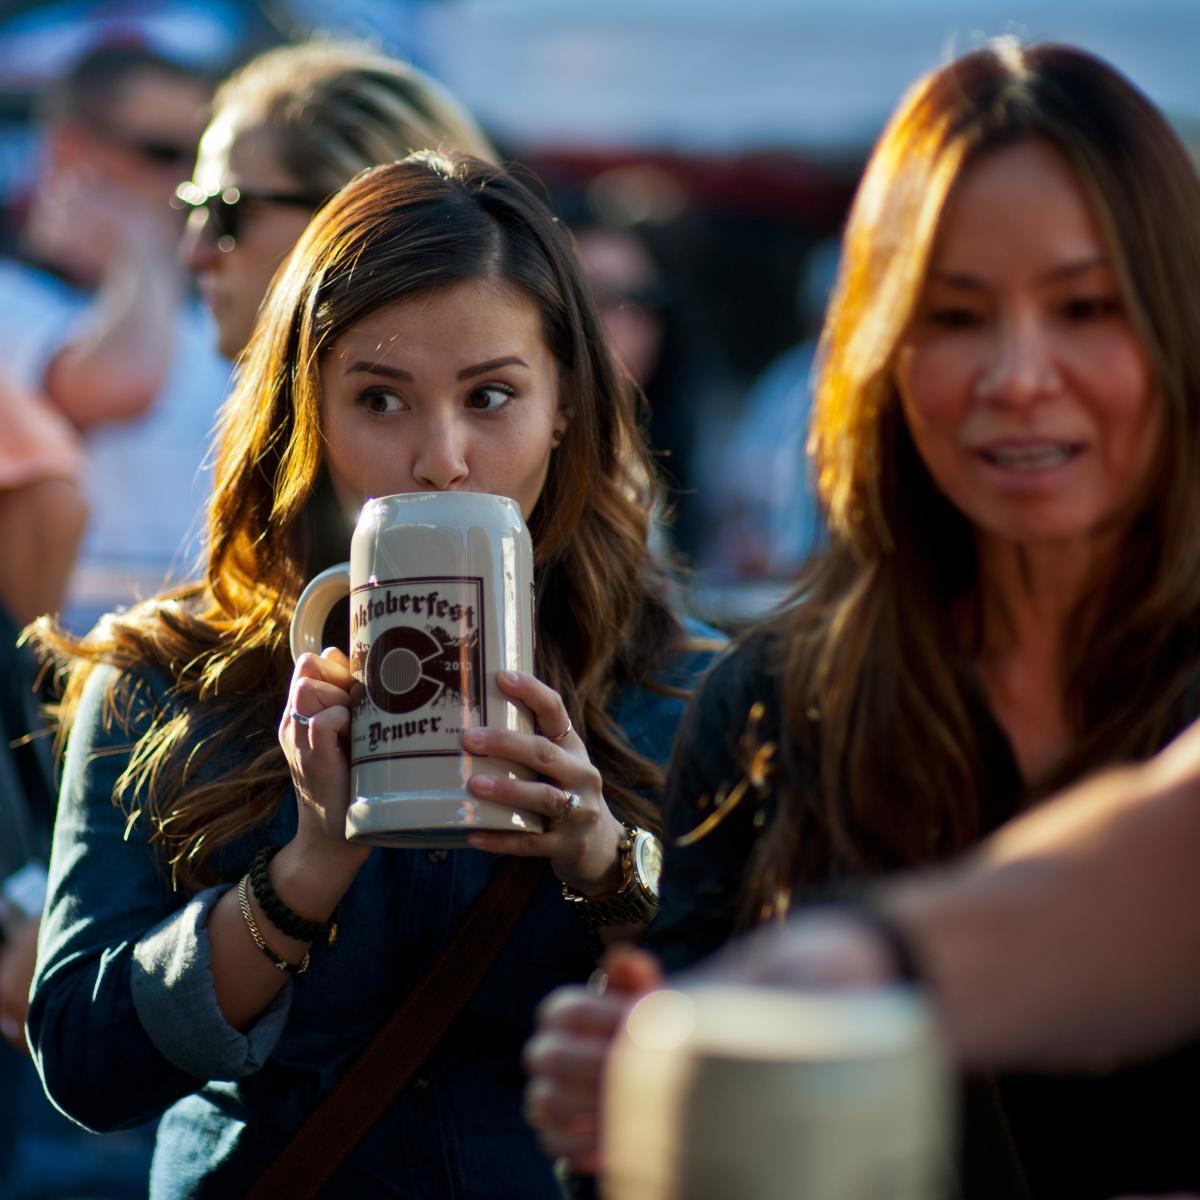 Oktoberfest goers enjoying beers